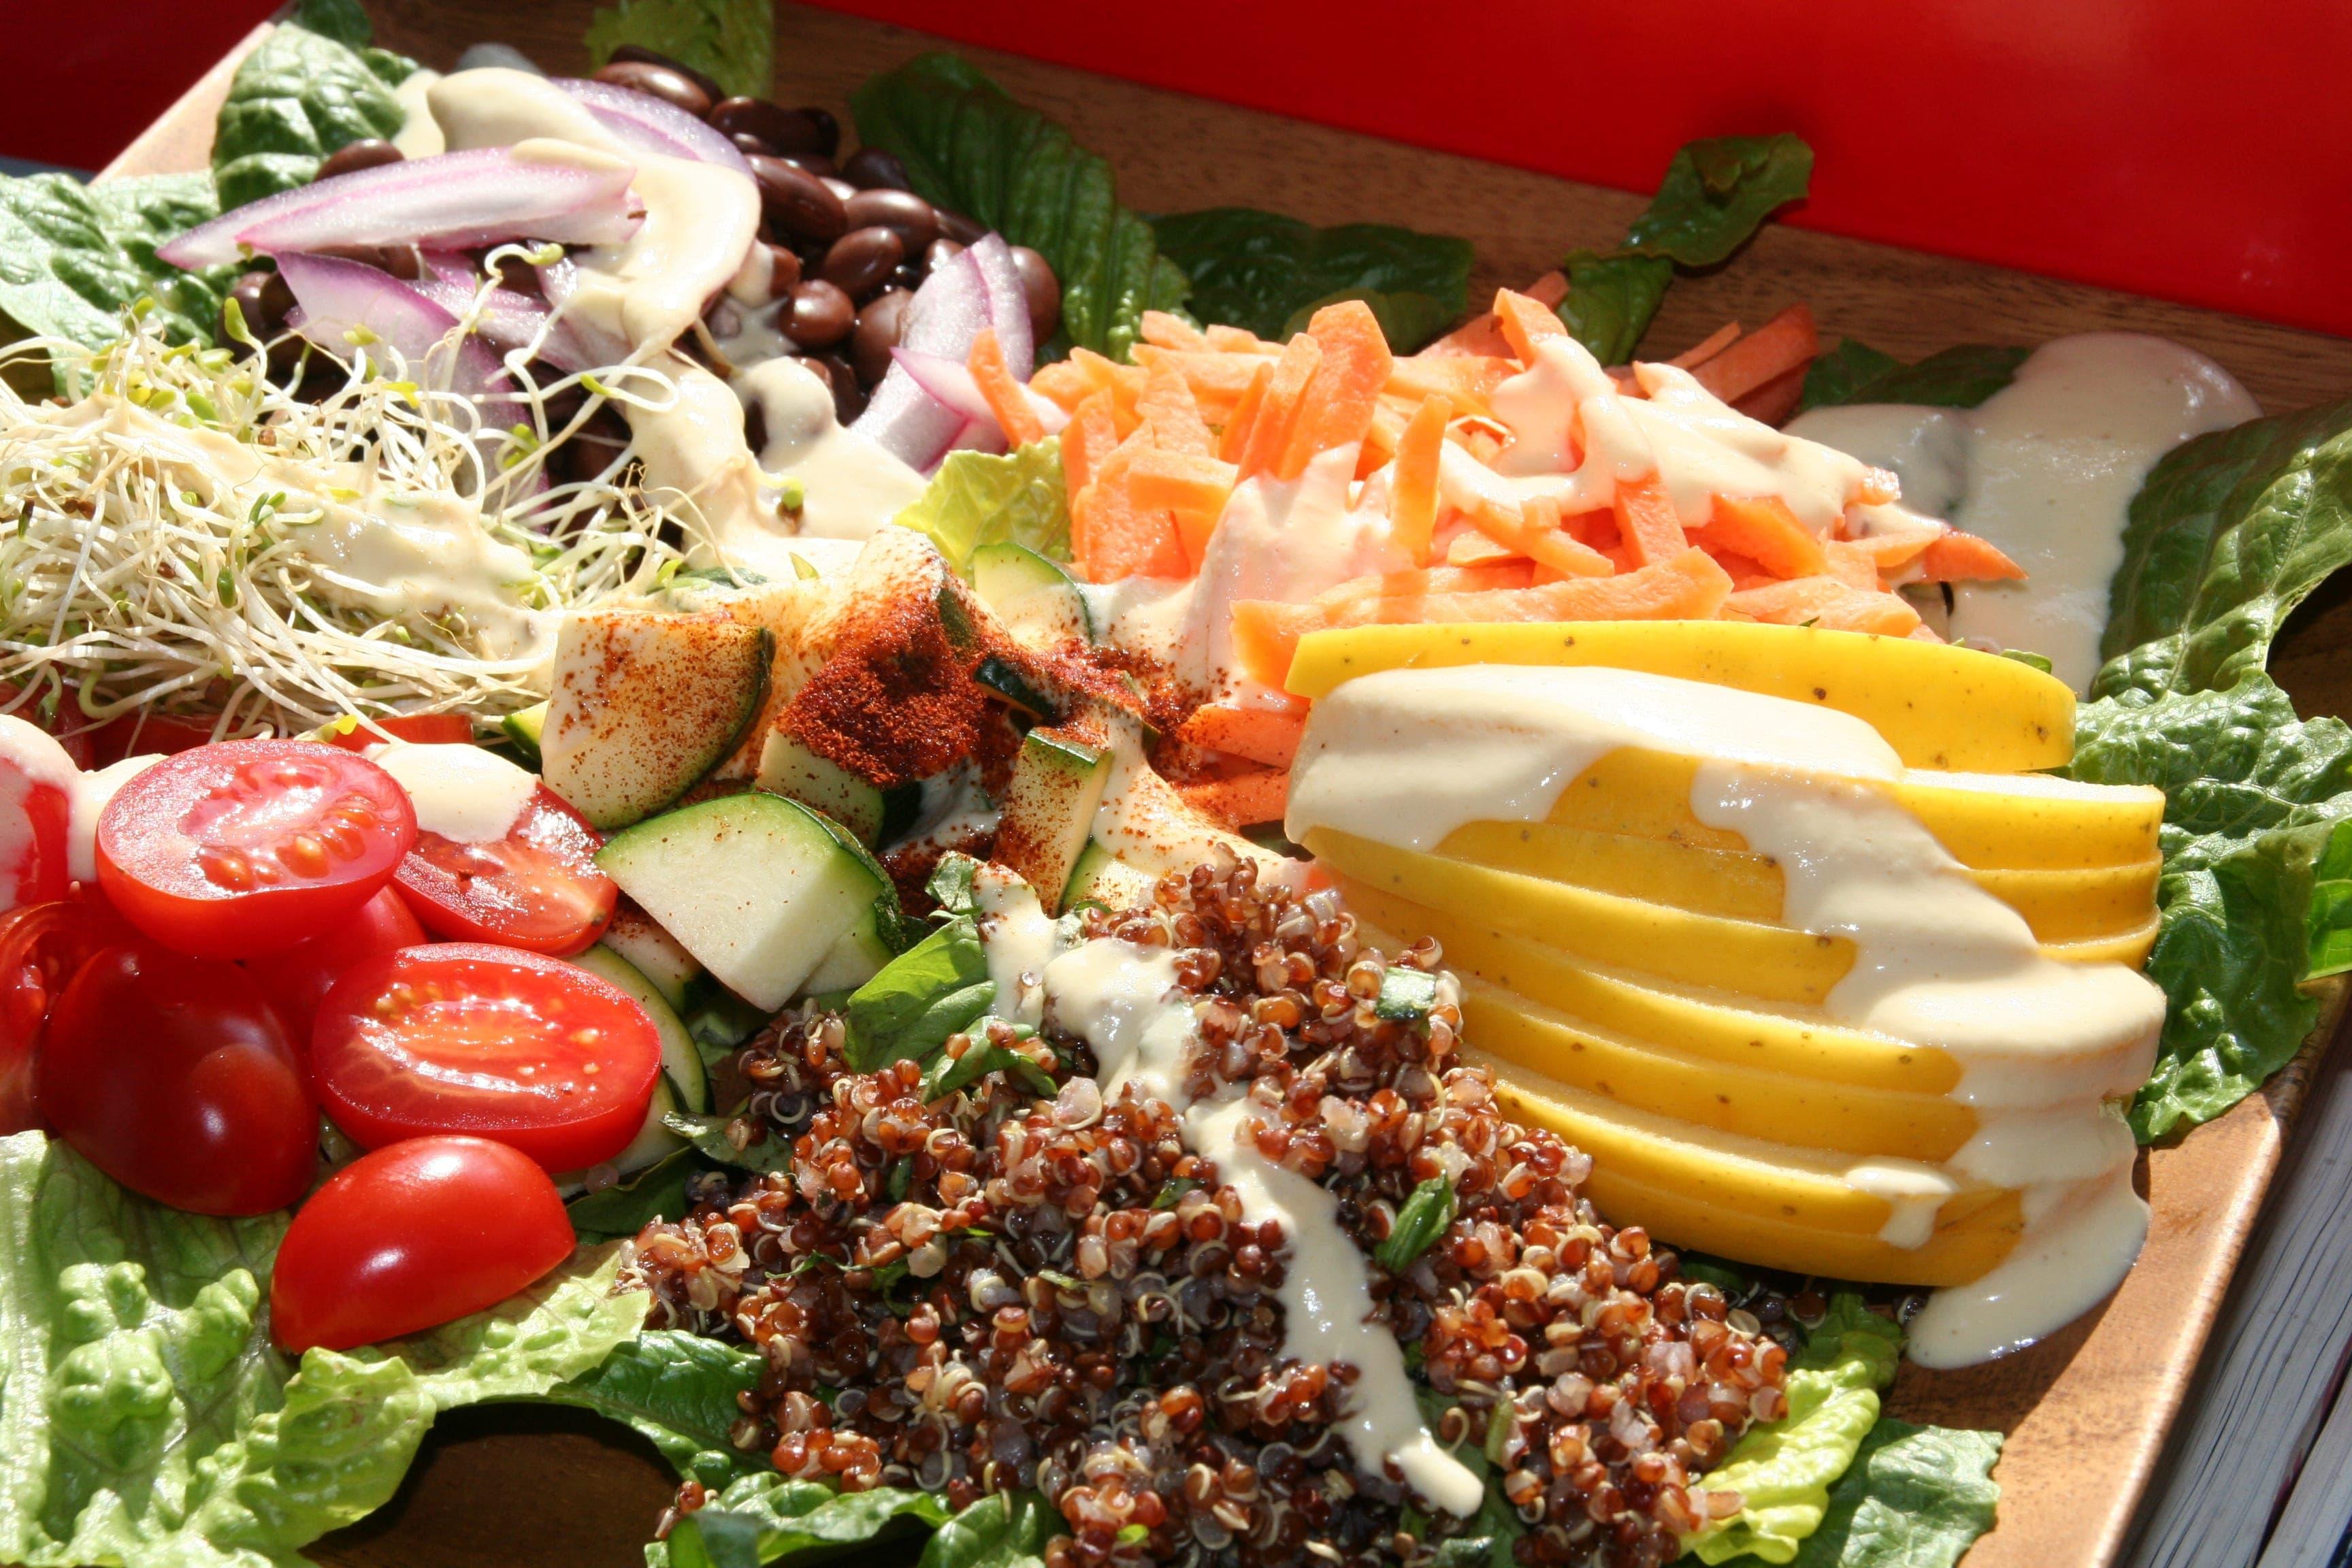 Yummy Creamy, Crunchy Salad